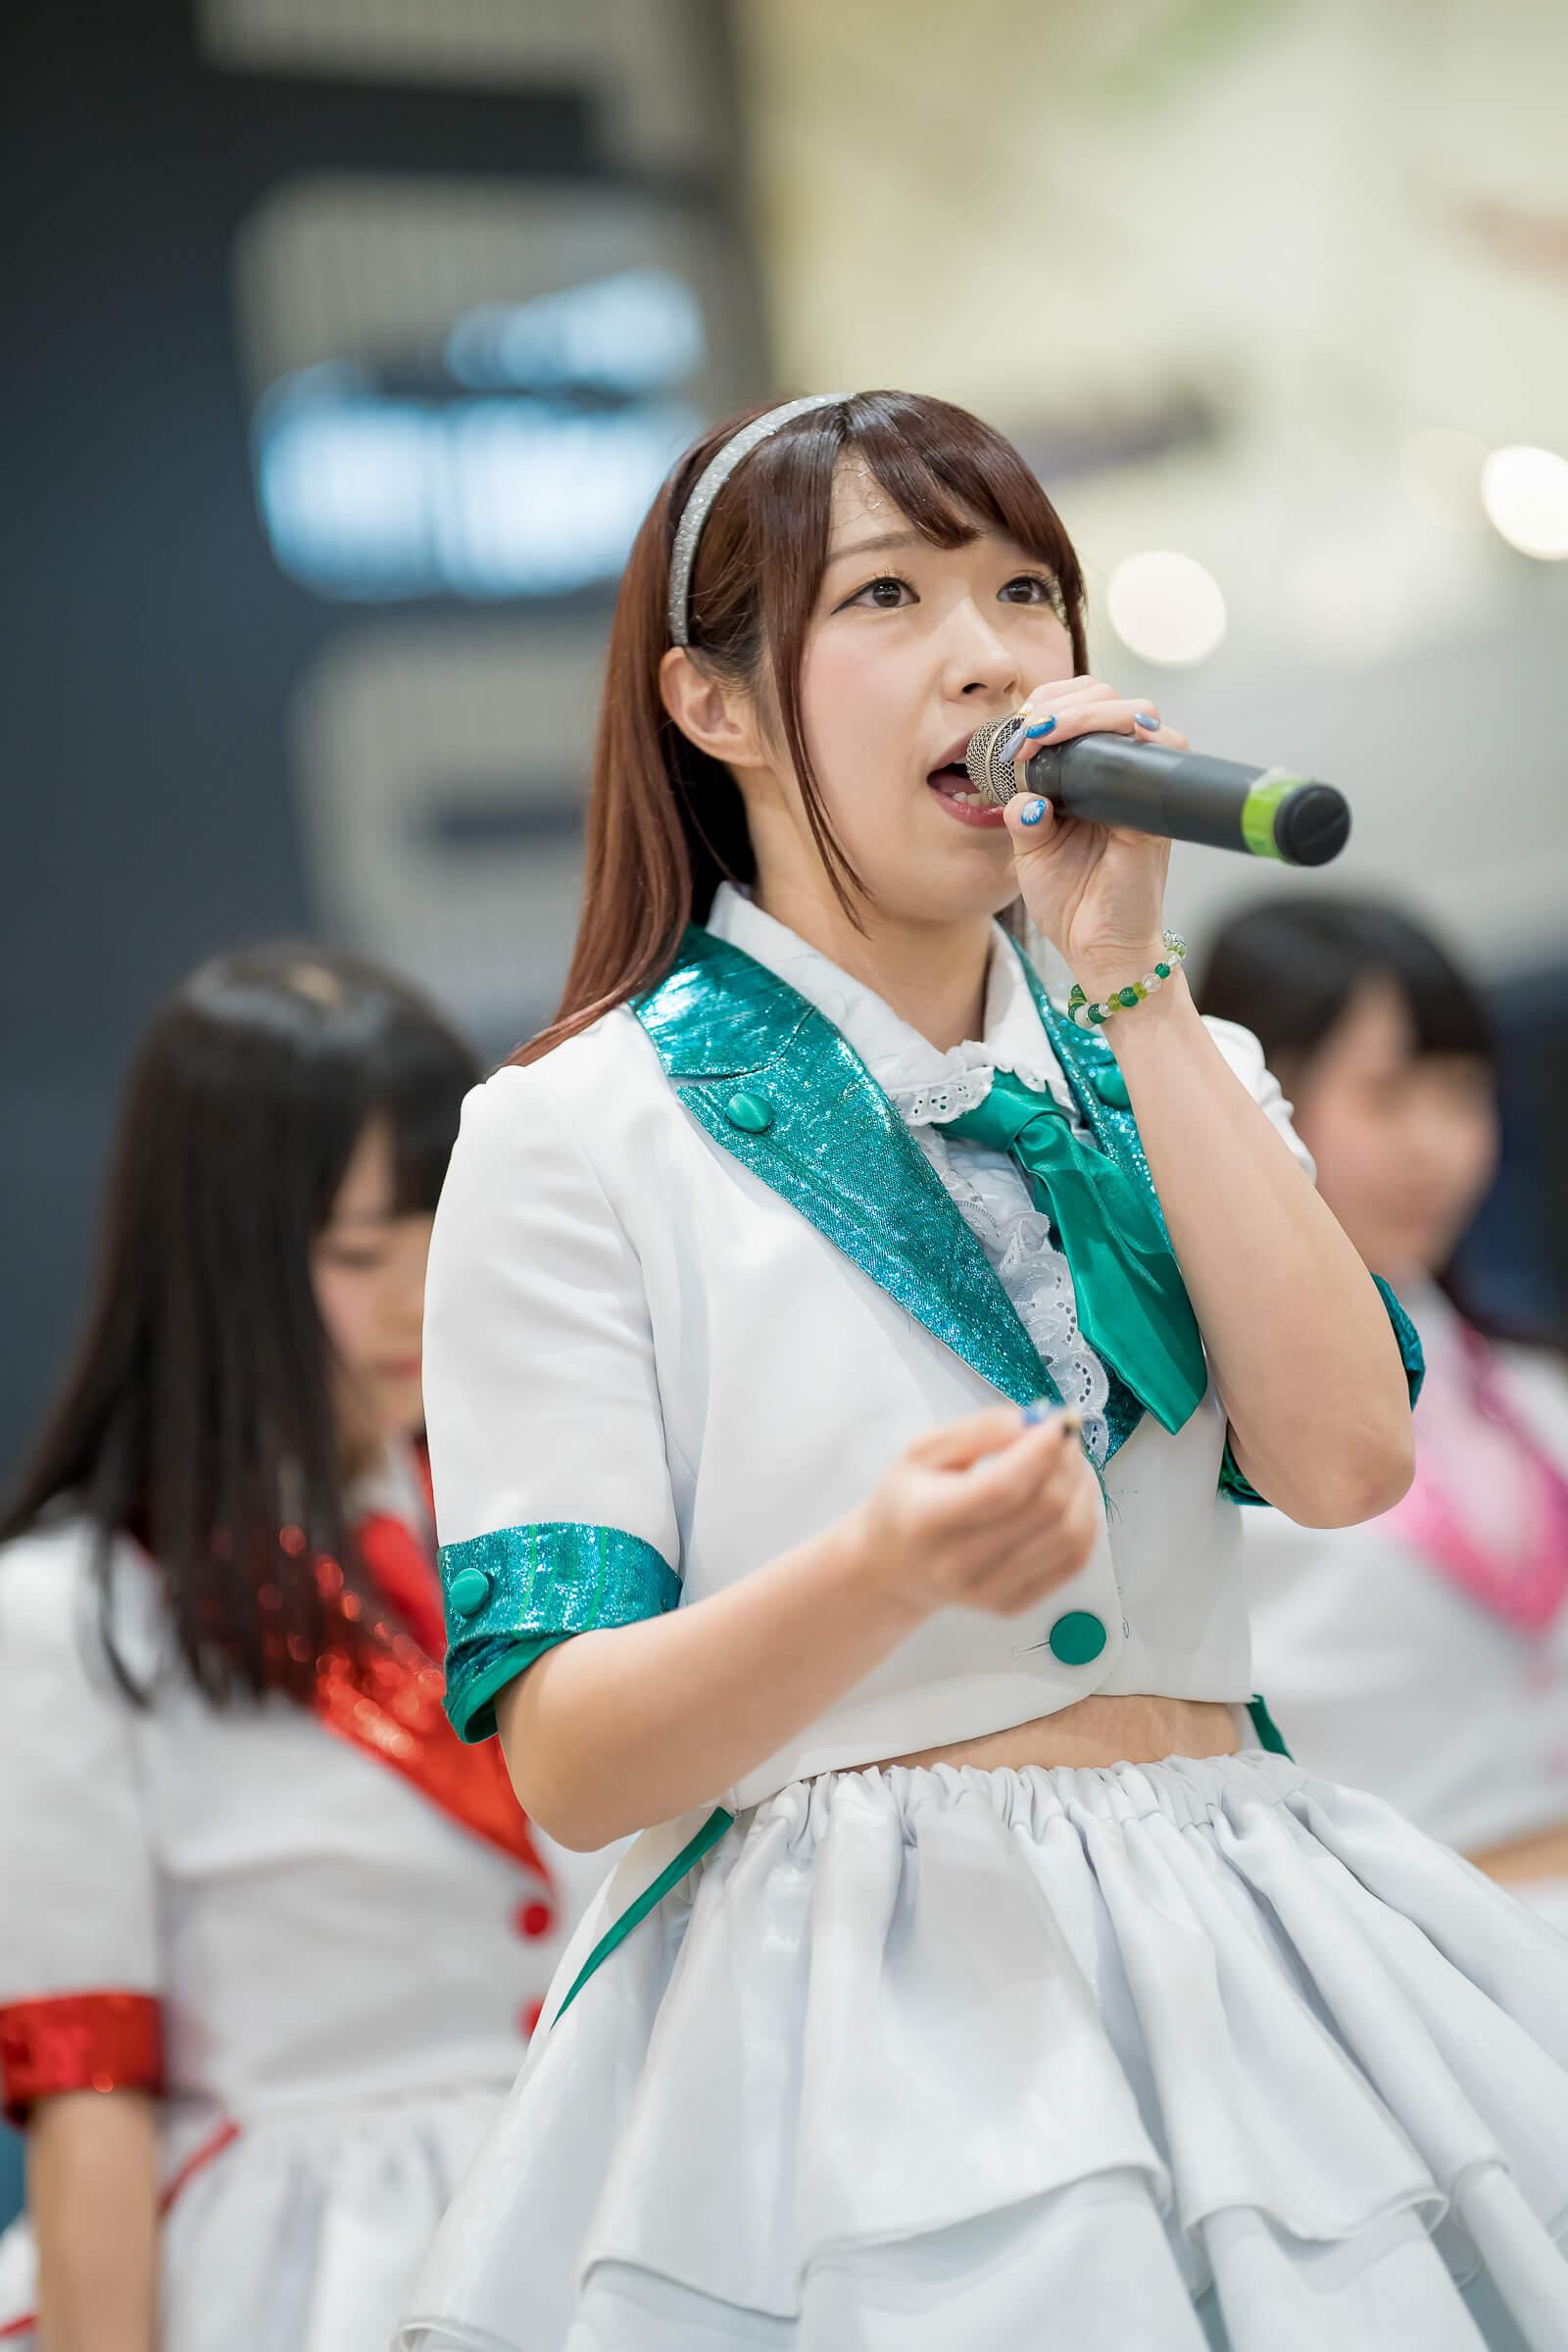 フルーティー♡ おばち ( 小原優花 )   フルーティー♡メジャーシングル第2弾「FRONT LINER」リリースイベント